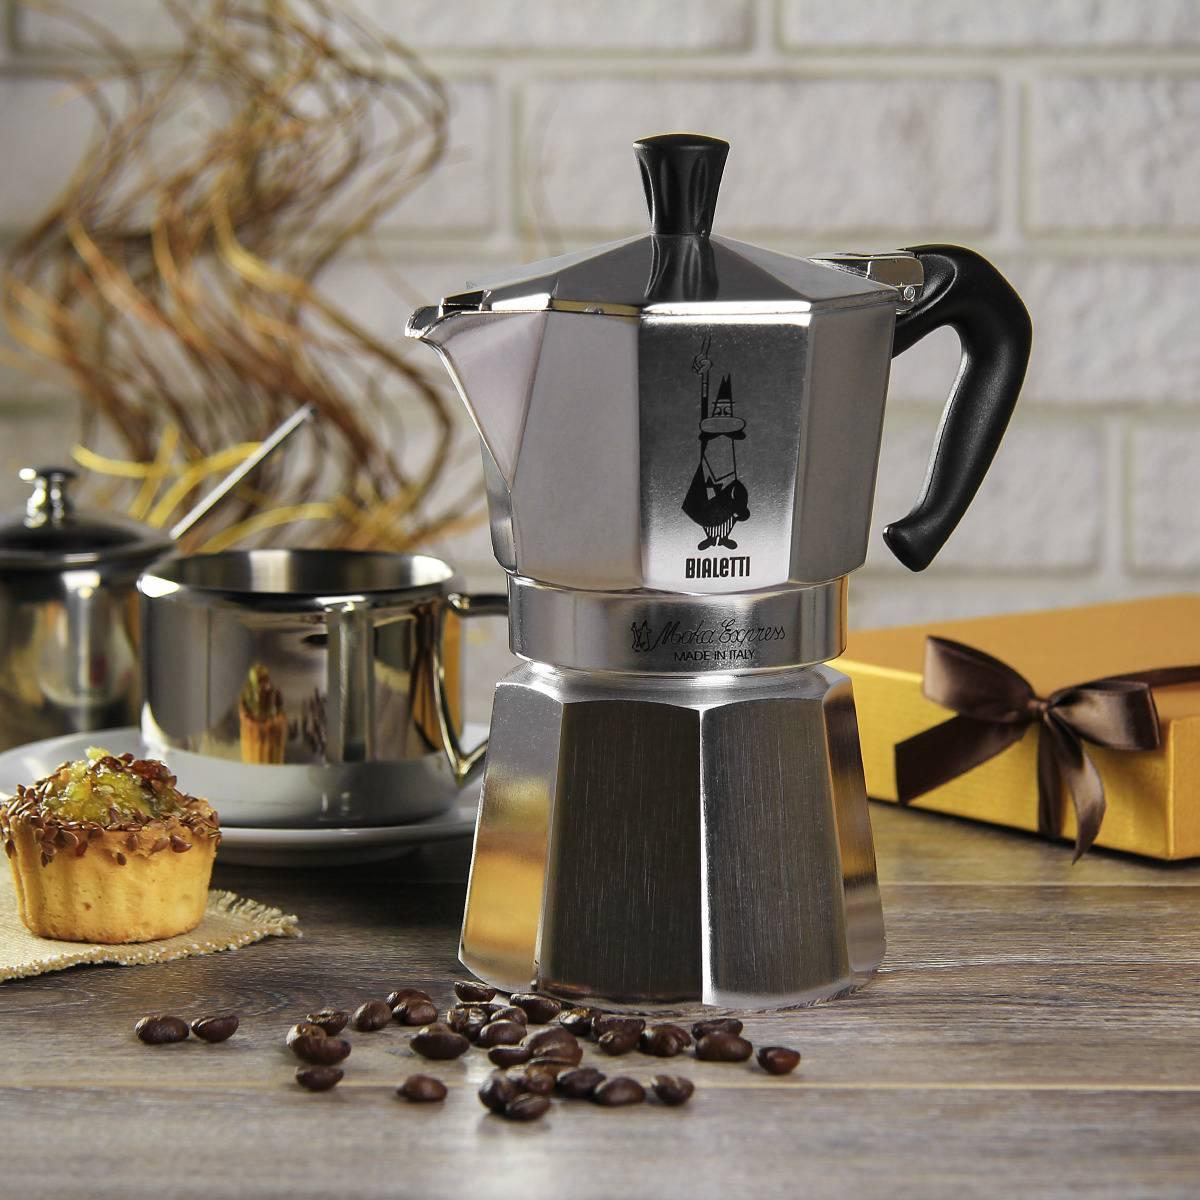 Сравниваем гейзерную кофеварку и турку